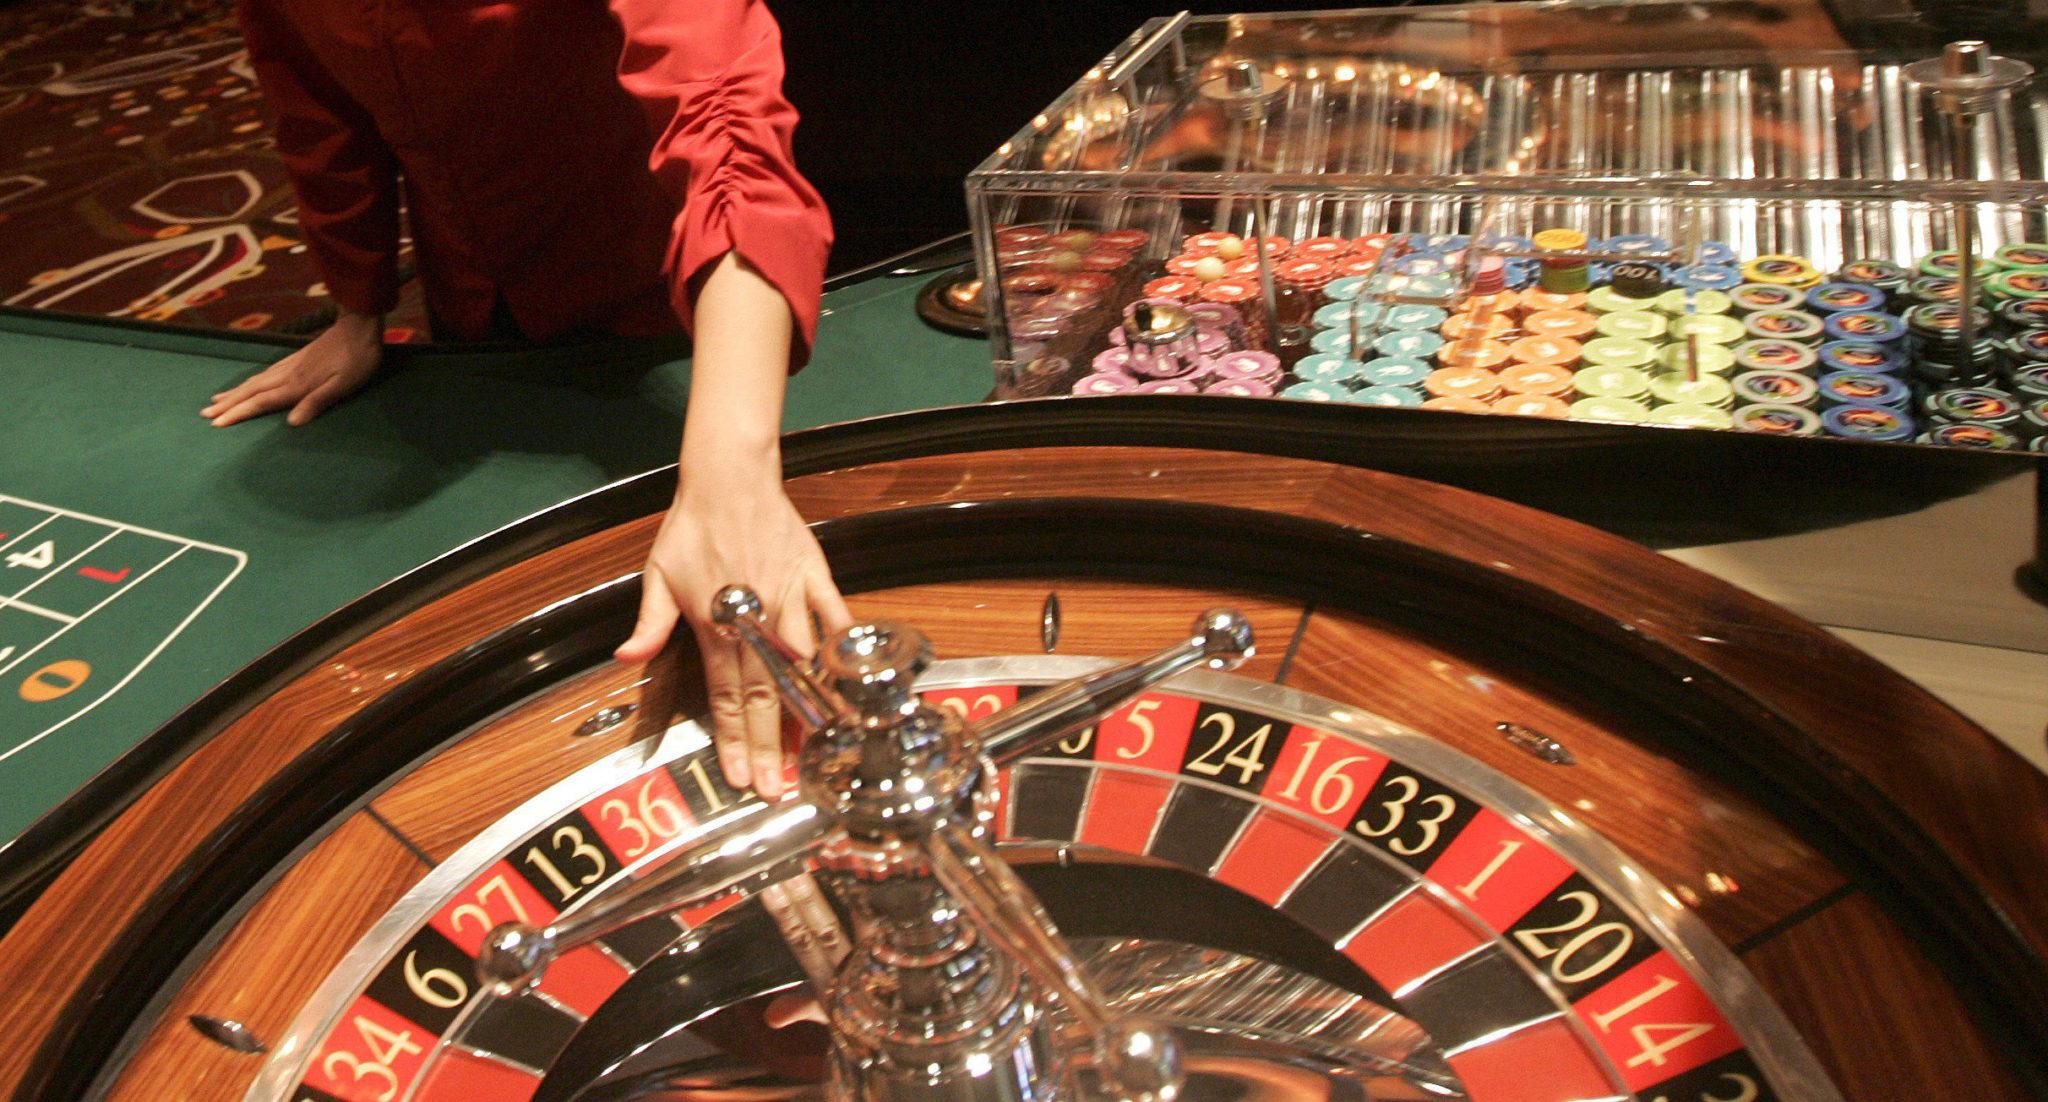 Responsabilidade social terá peso acrescido nas novas concessões de jogo, defendem analistas